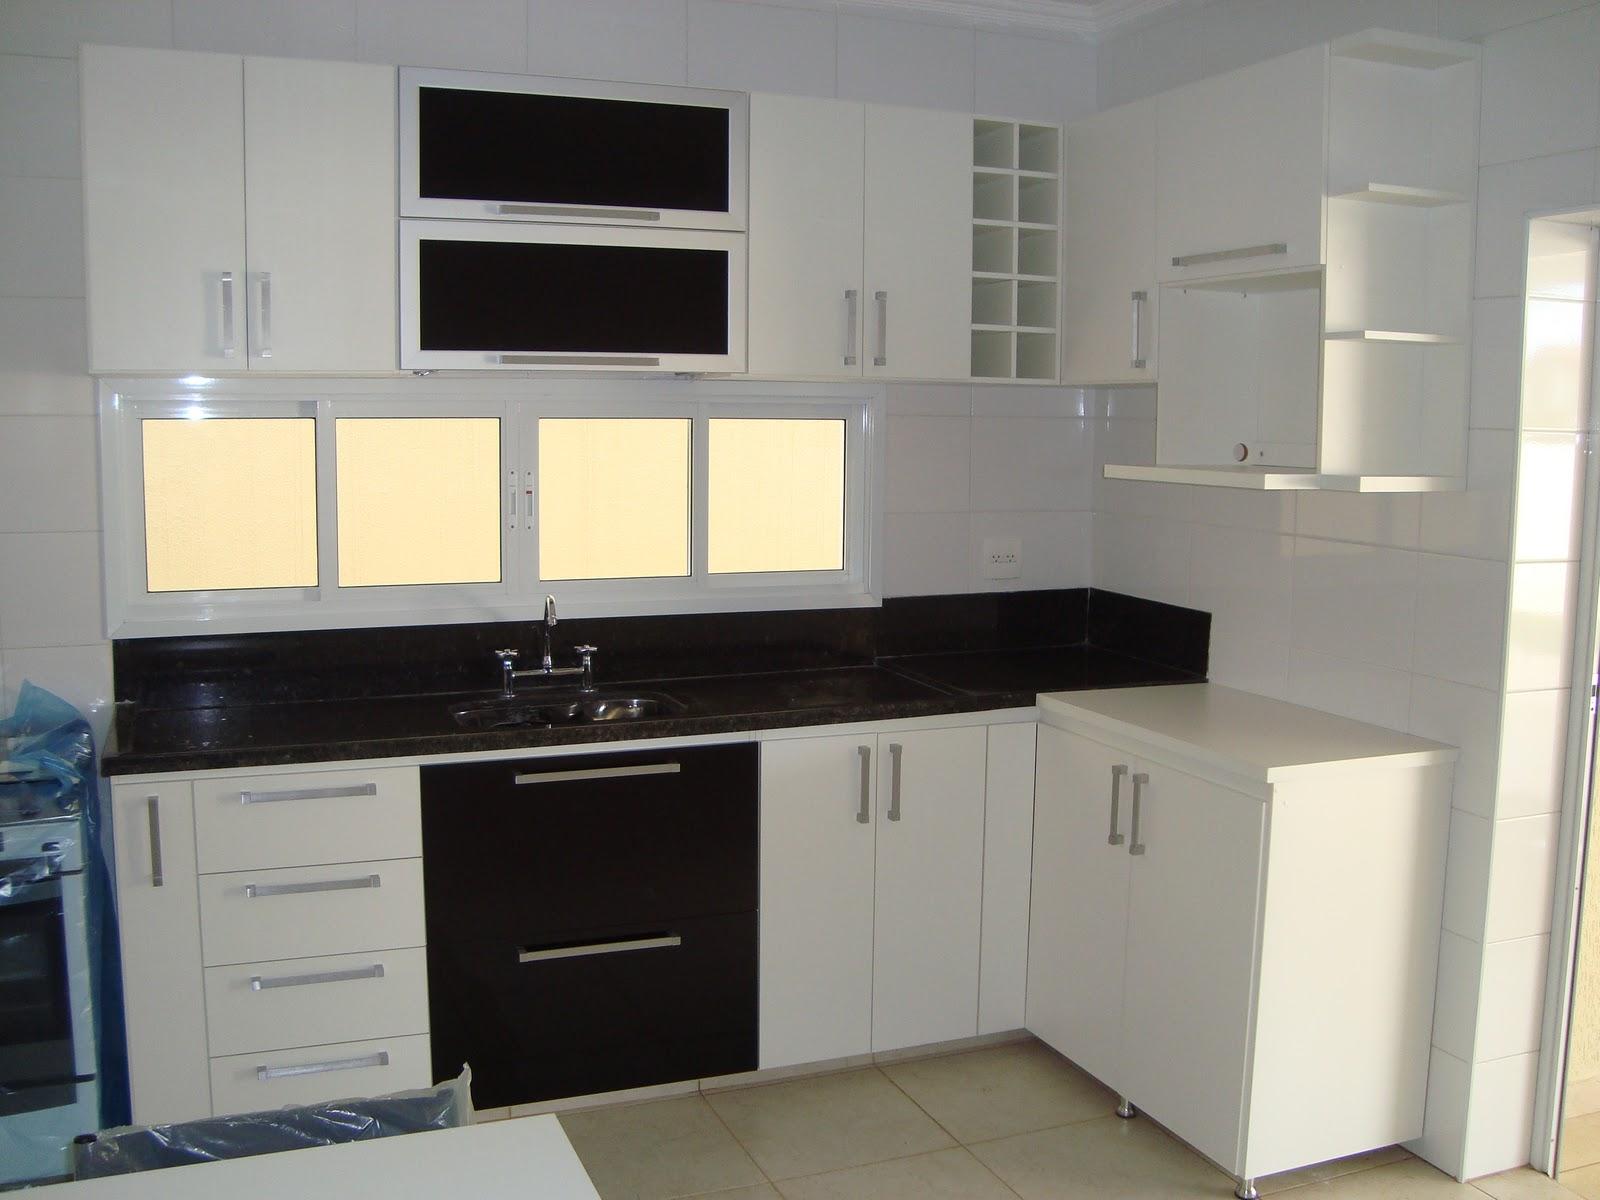 Marcenaria Arantes.: Armario cozinha planejada #887843 1600 1200